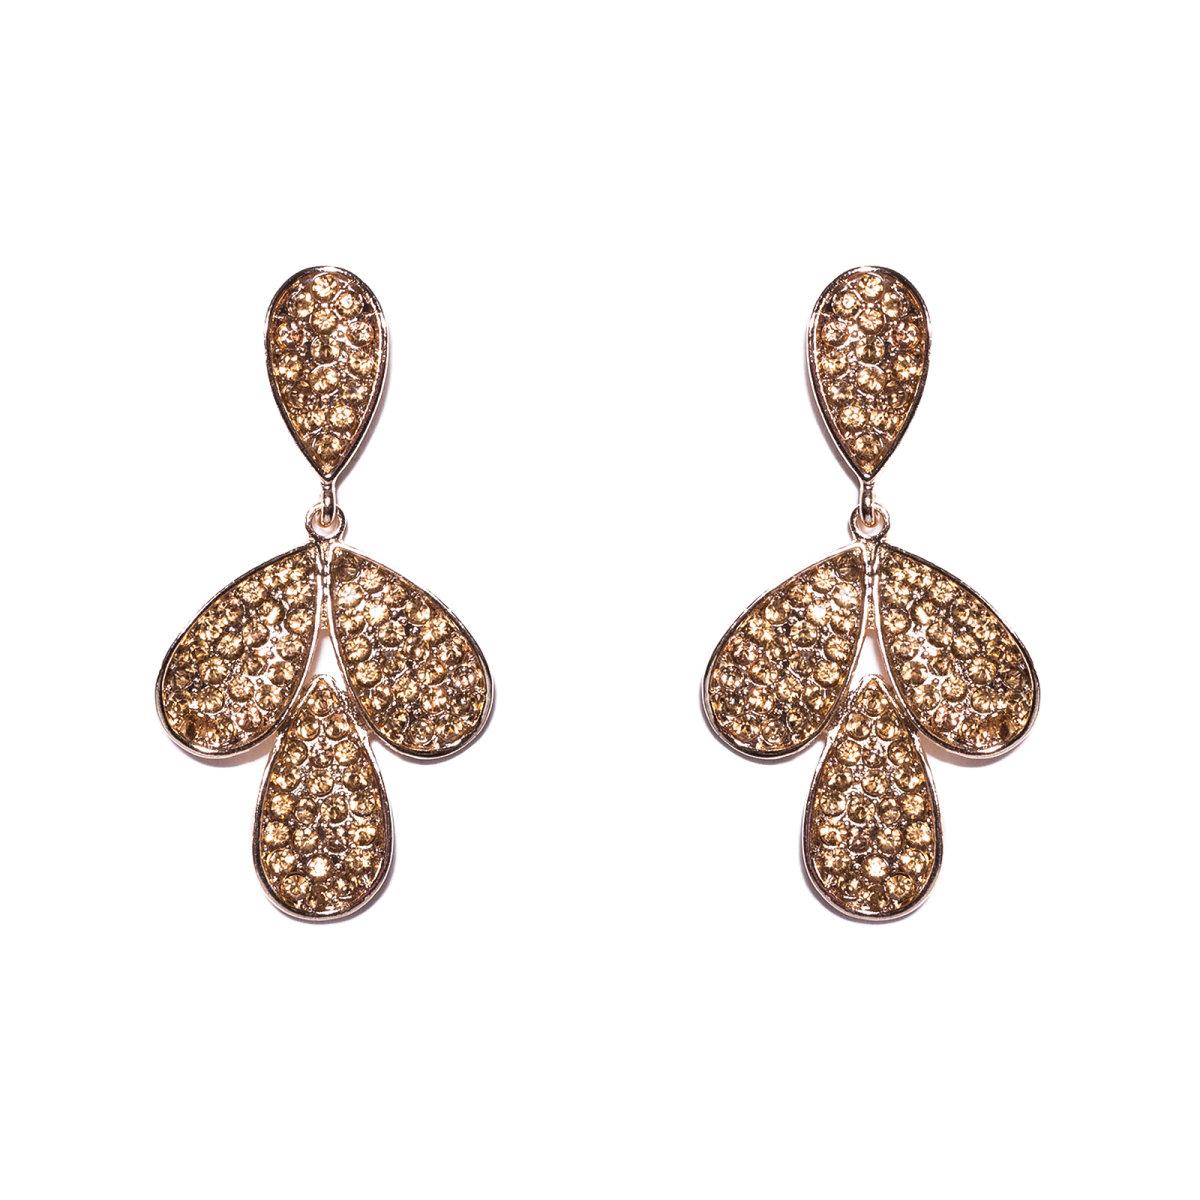 Cercei aurii metalici cu cristale de sticla Auriu